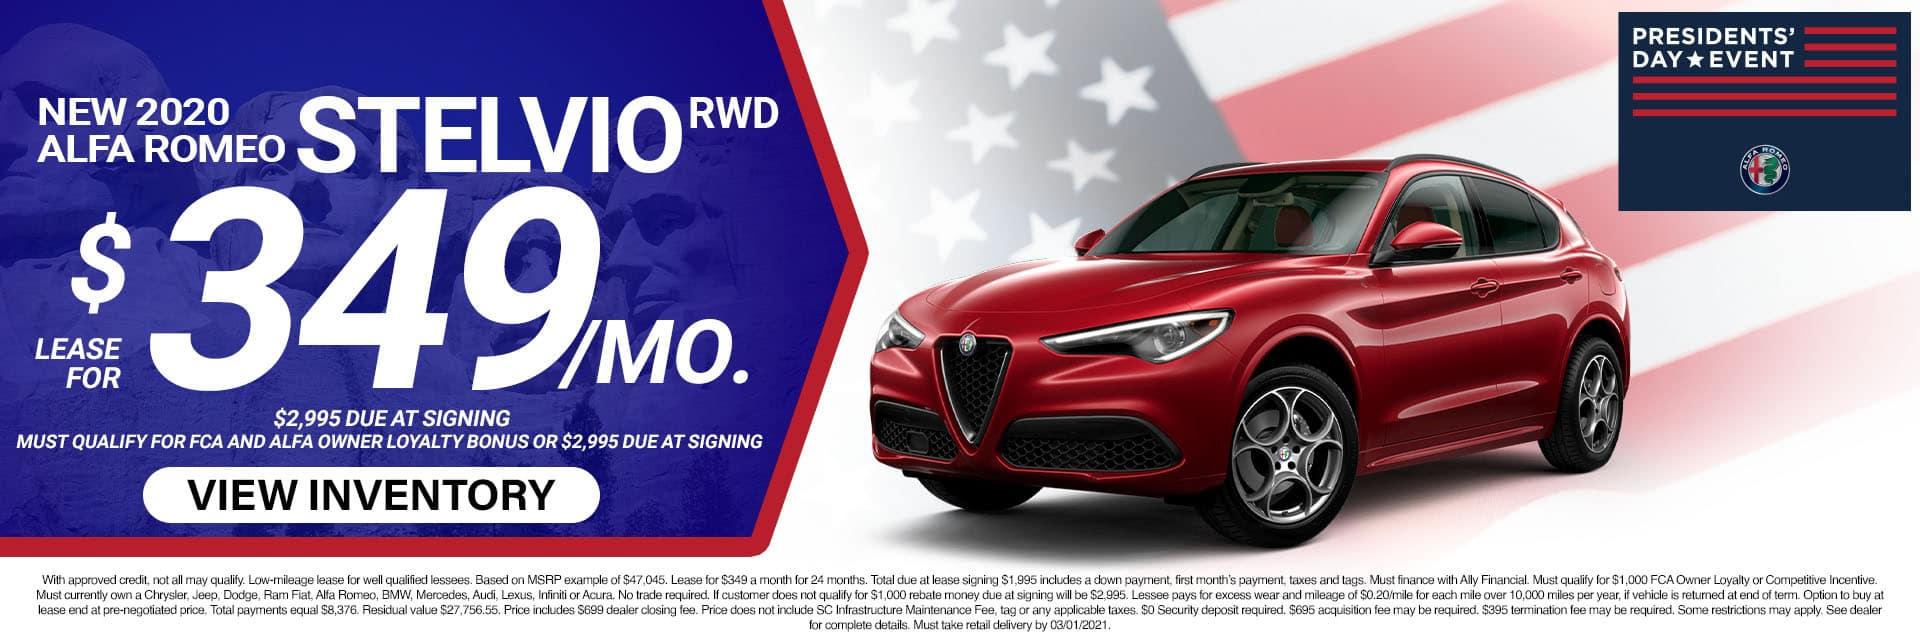 4SLAR-February 20212020 Alfa Romeo Stelvio